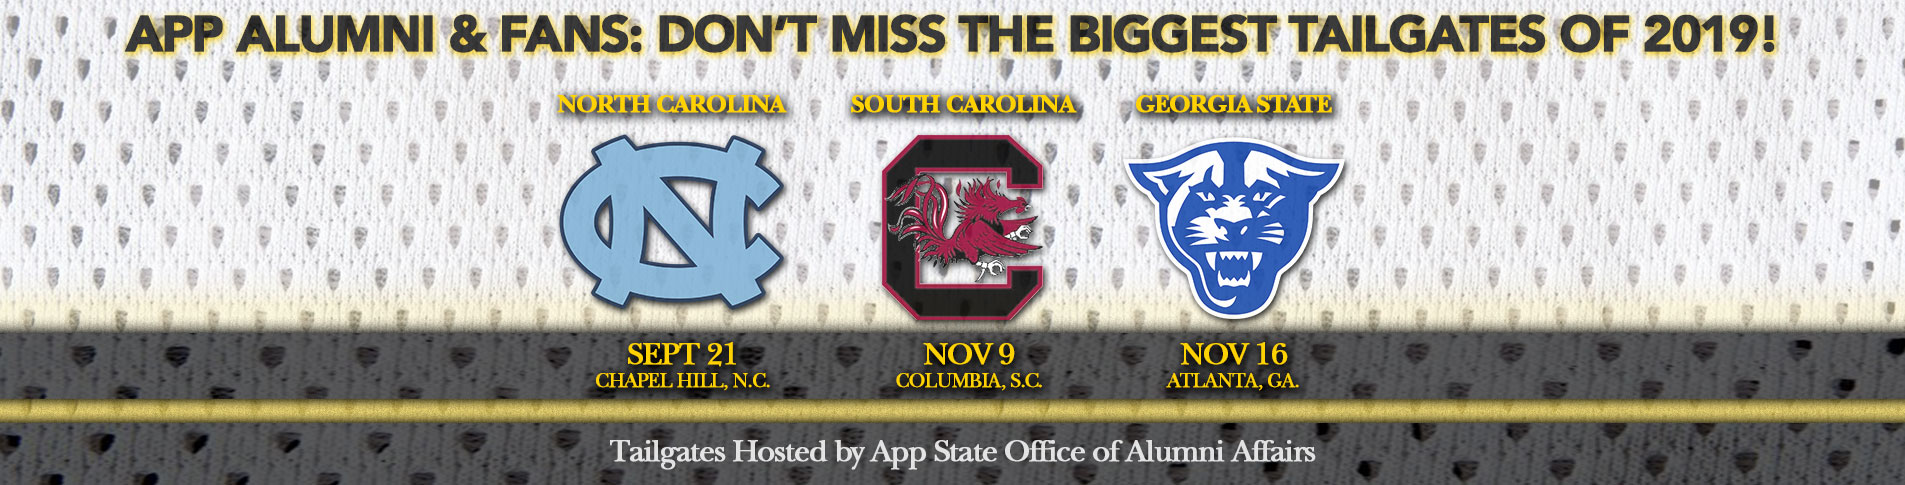 Appalachian State University Alumni Association - Community Home